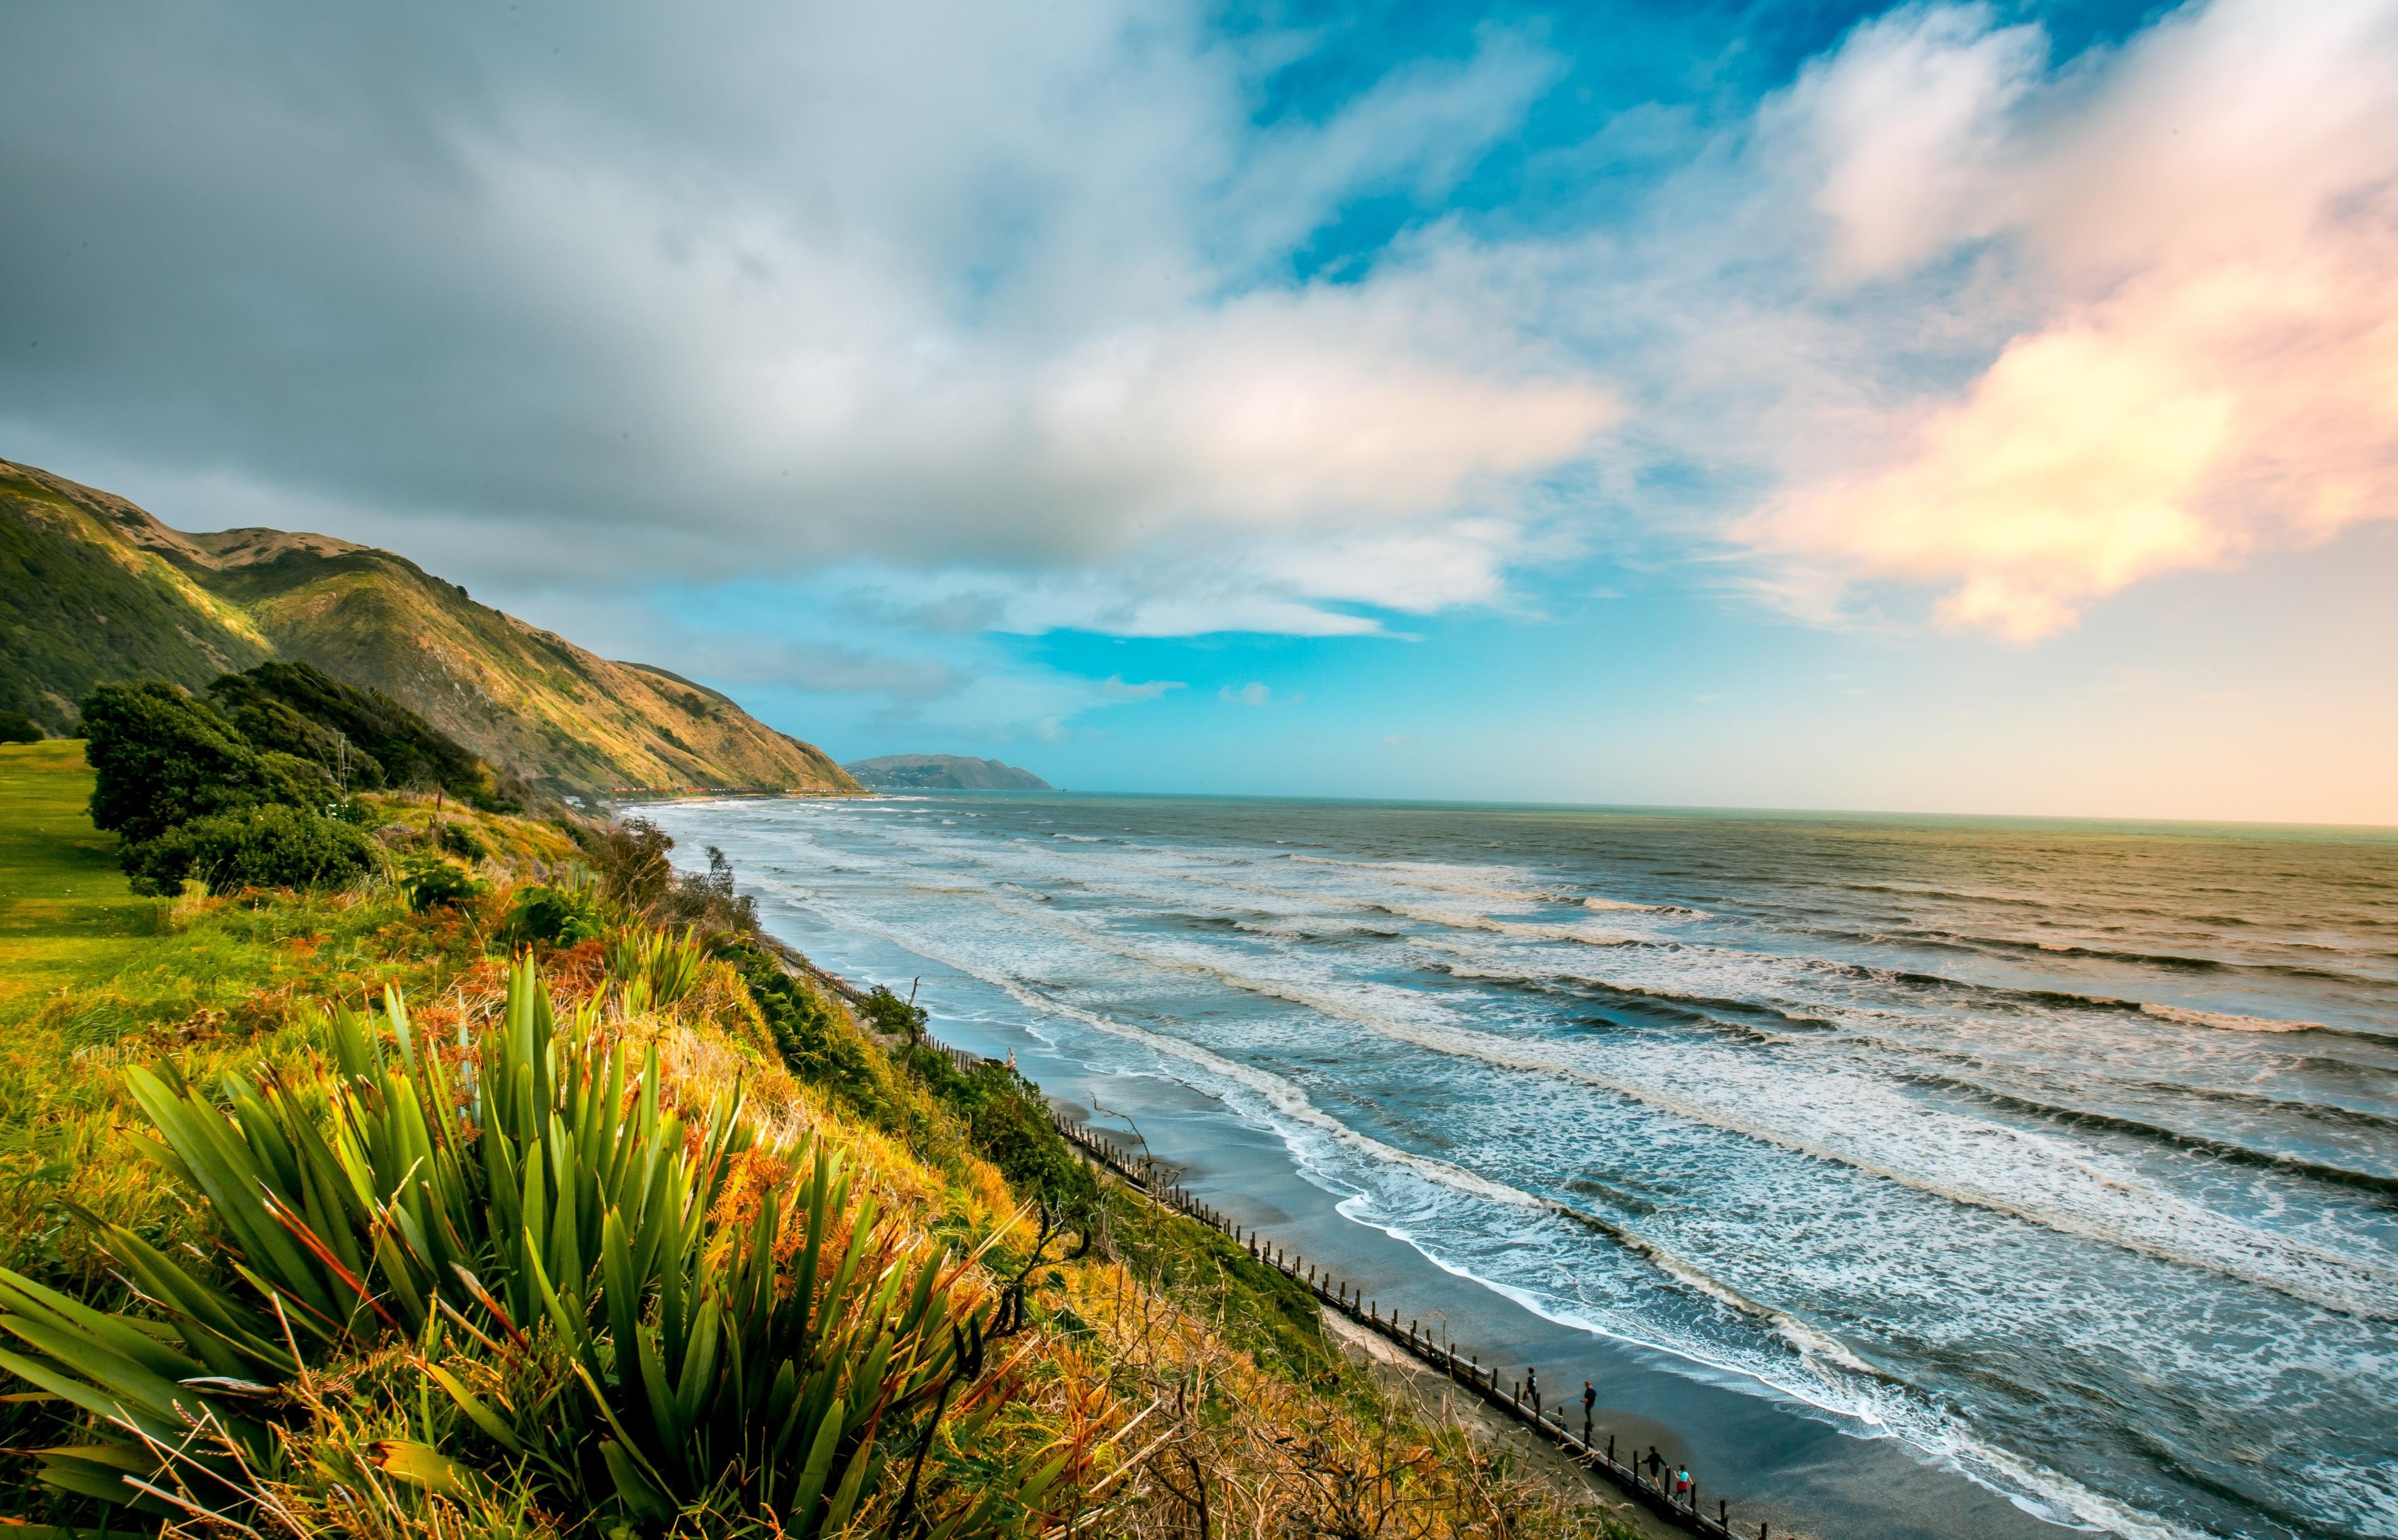 Waikawa, Picton, Marlborough, New Zealand